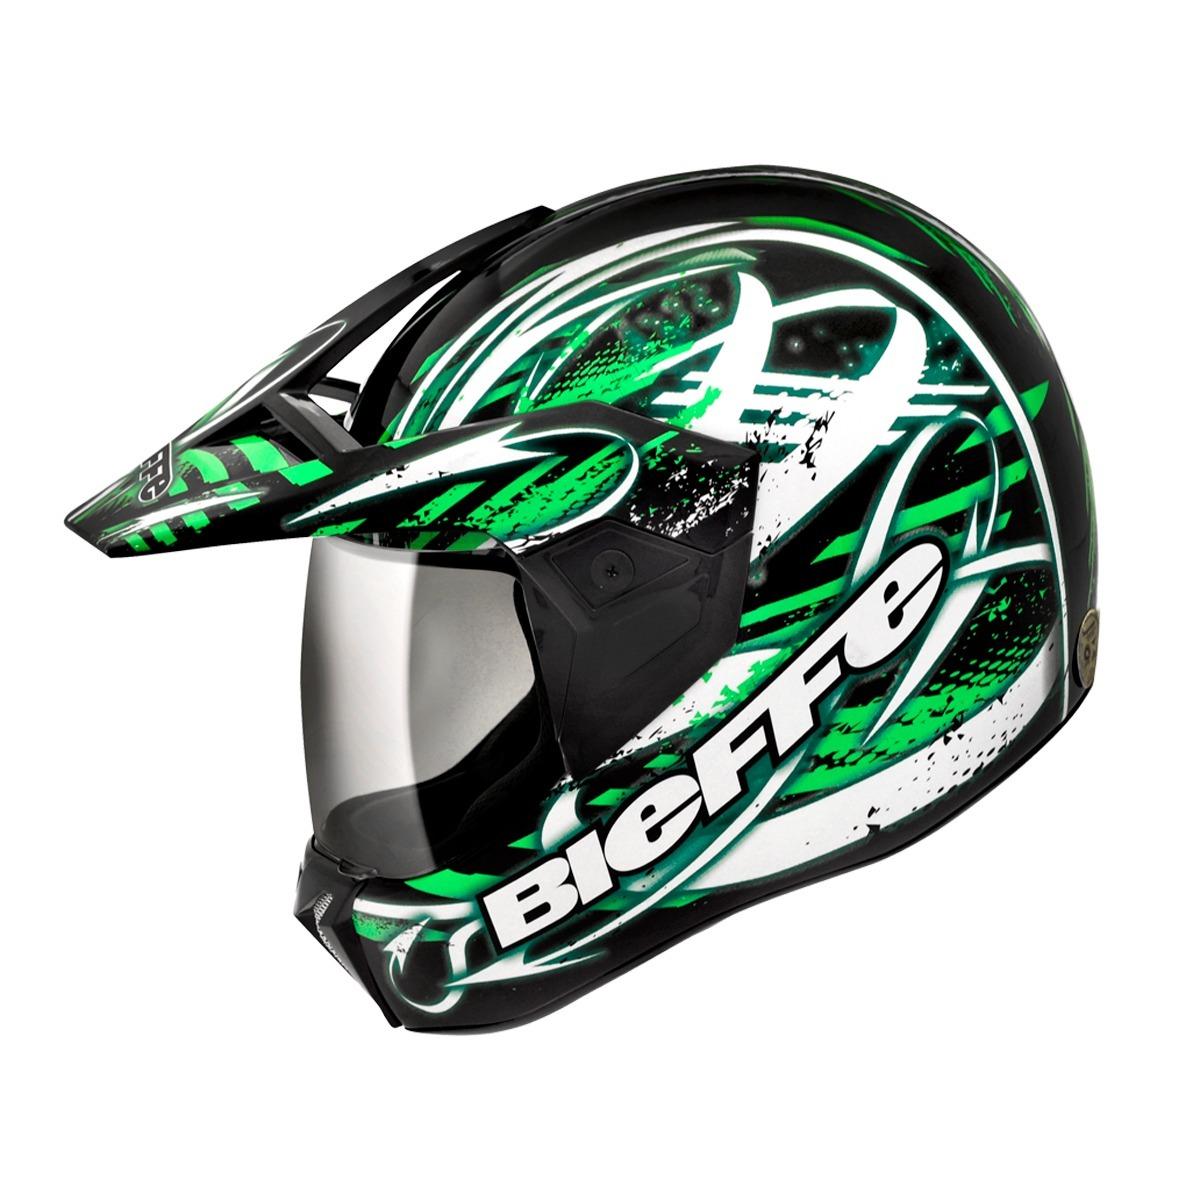 Capacete Bieffe Moto 3 Sport Reflex - R  433,51 em Mercado Livre bdefbeea89